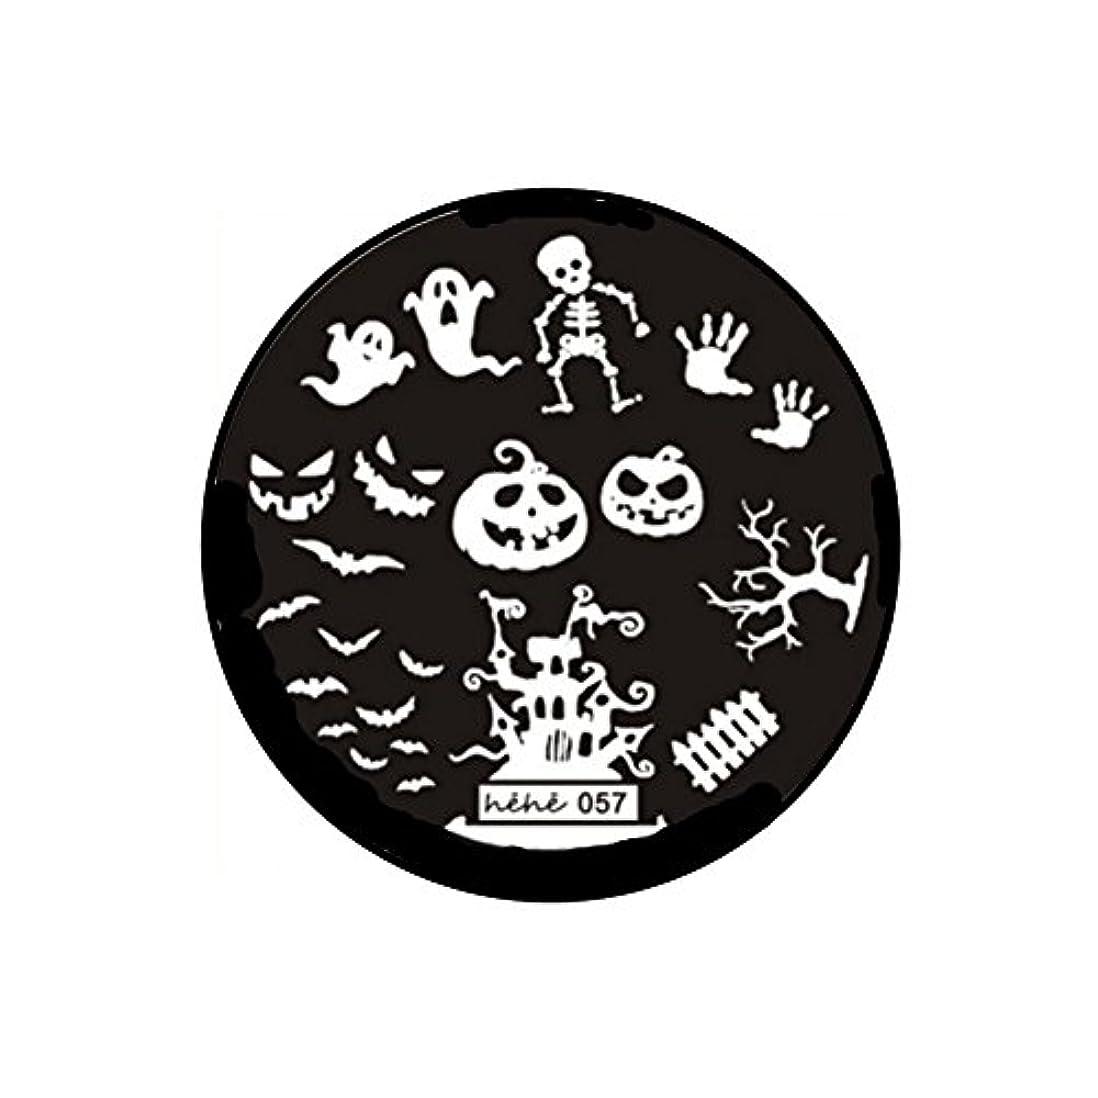 アロングドリンククレジット1枚 スタンピングプレート 【 ハロウィンテーマ ネイル ジェルネイル ネイルアート ネイルスタンプ ネイル スタンプ 】heheイメージプレート